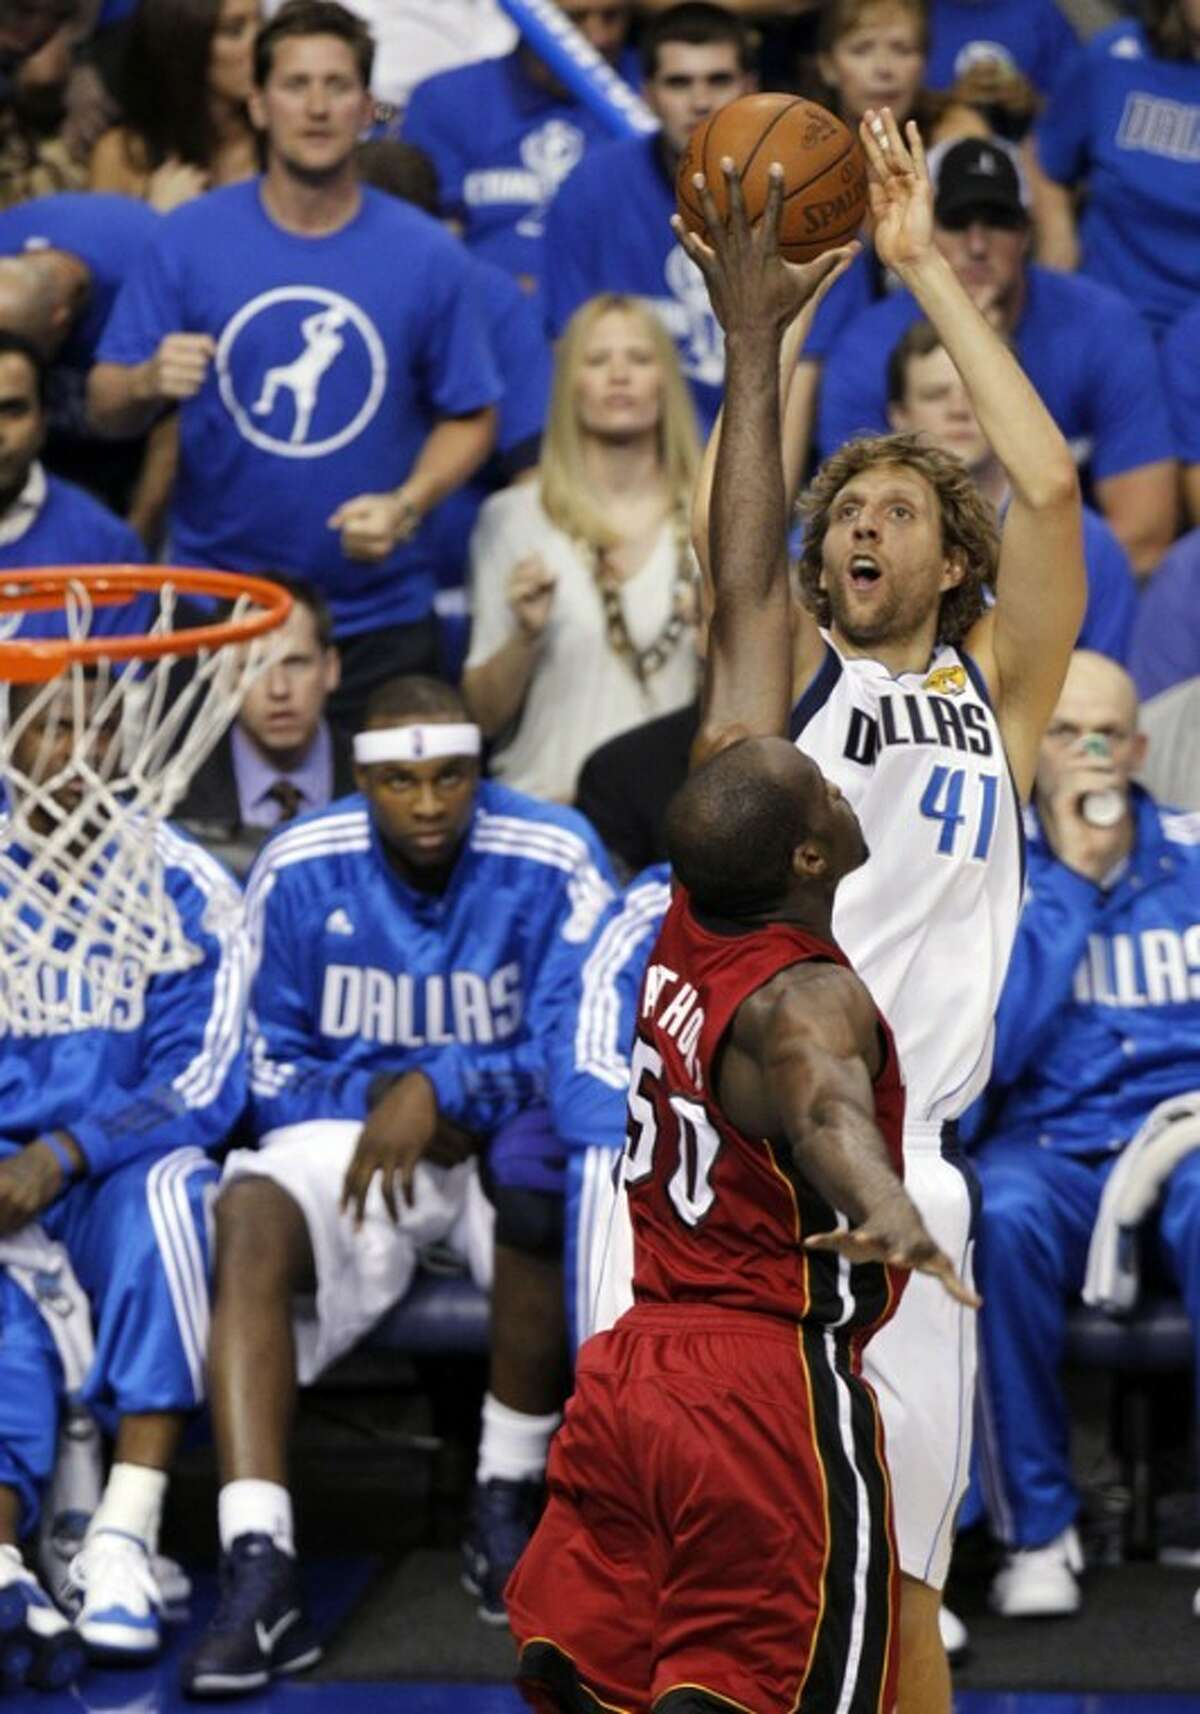 Dirk Nowitzki and the Dallas Mavericks will open their season on Wednesday. (AP Photo/LM Otero)